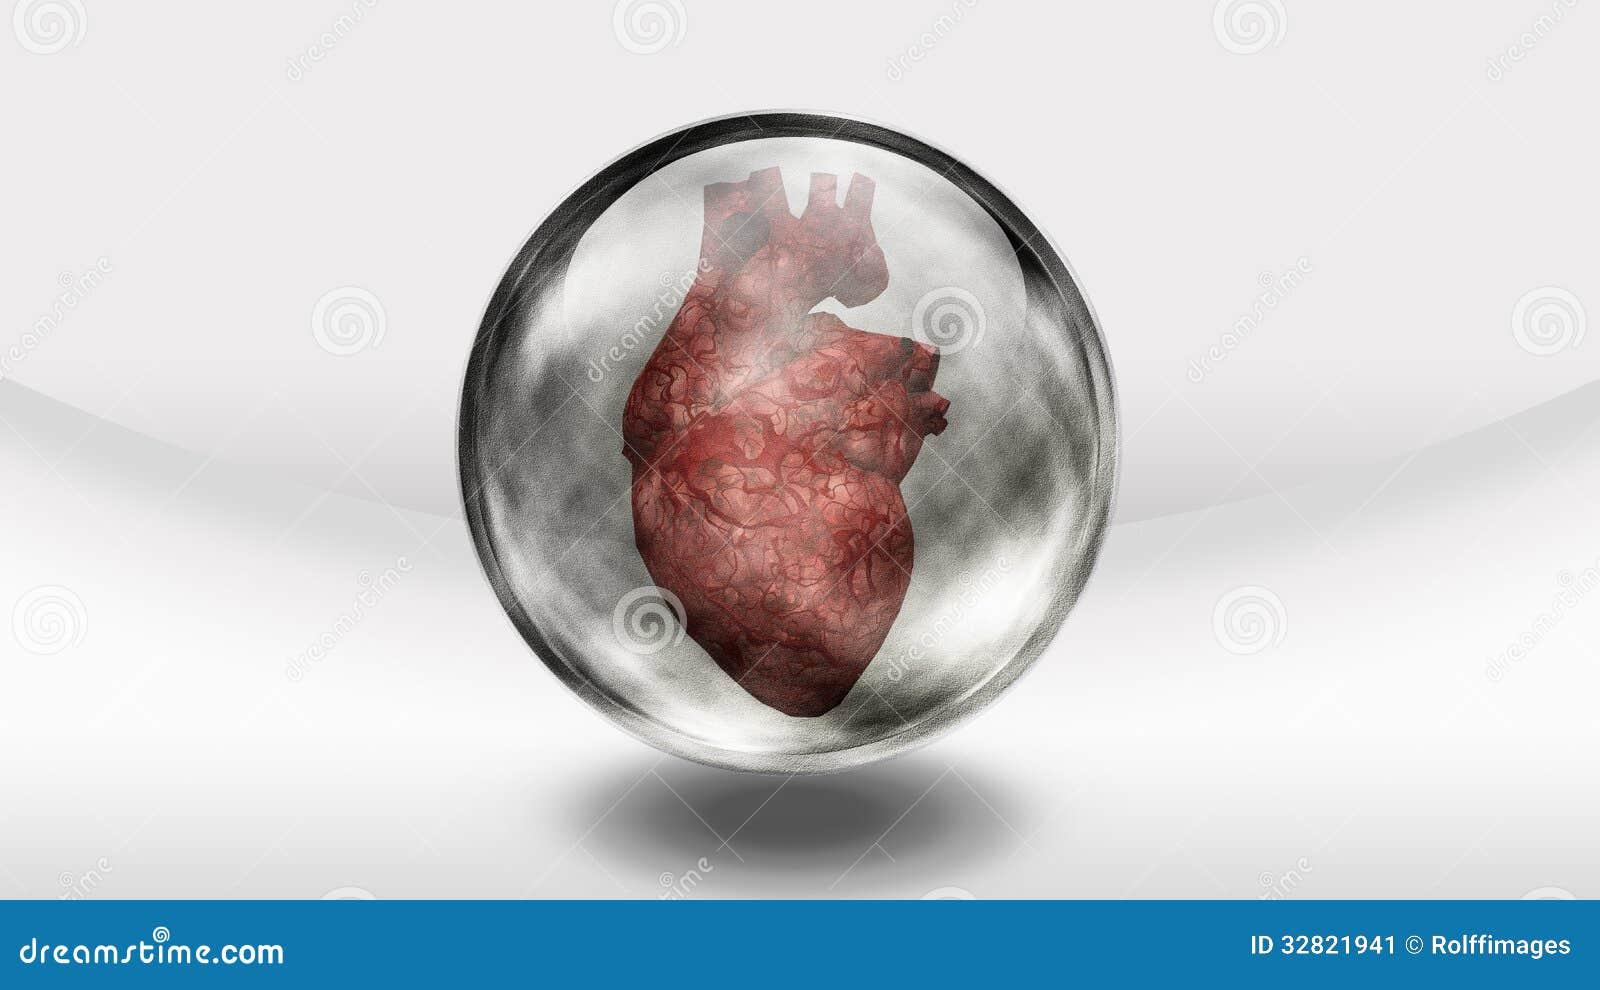 Menschliches Herz im Glas stock abbildung. Illustration von ikone ...